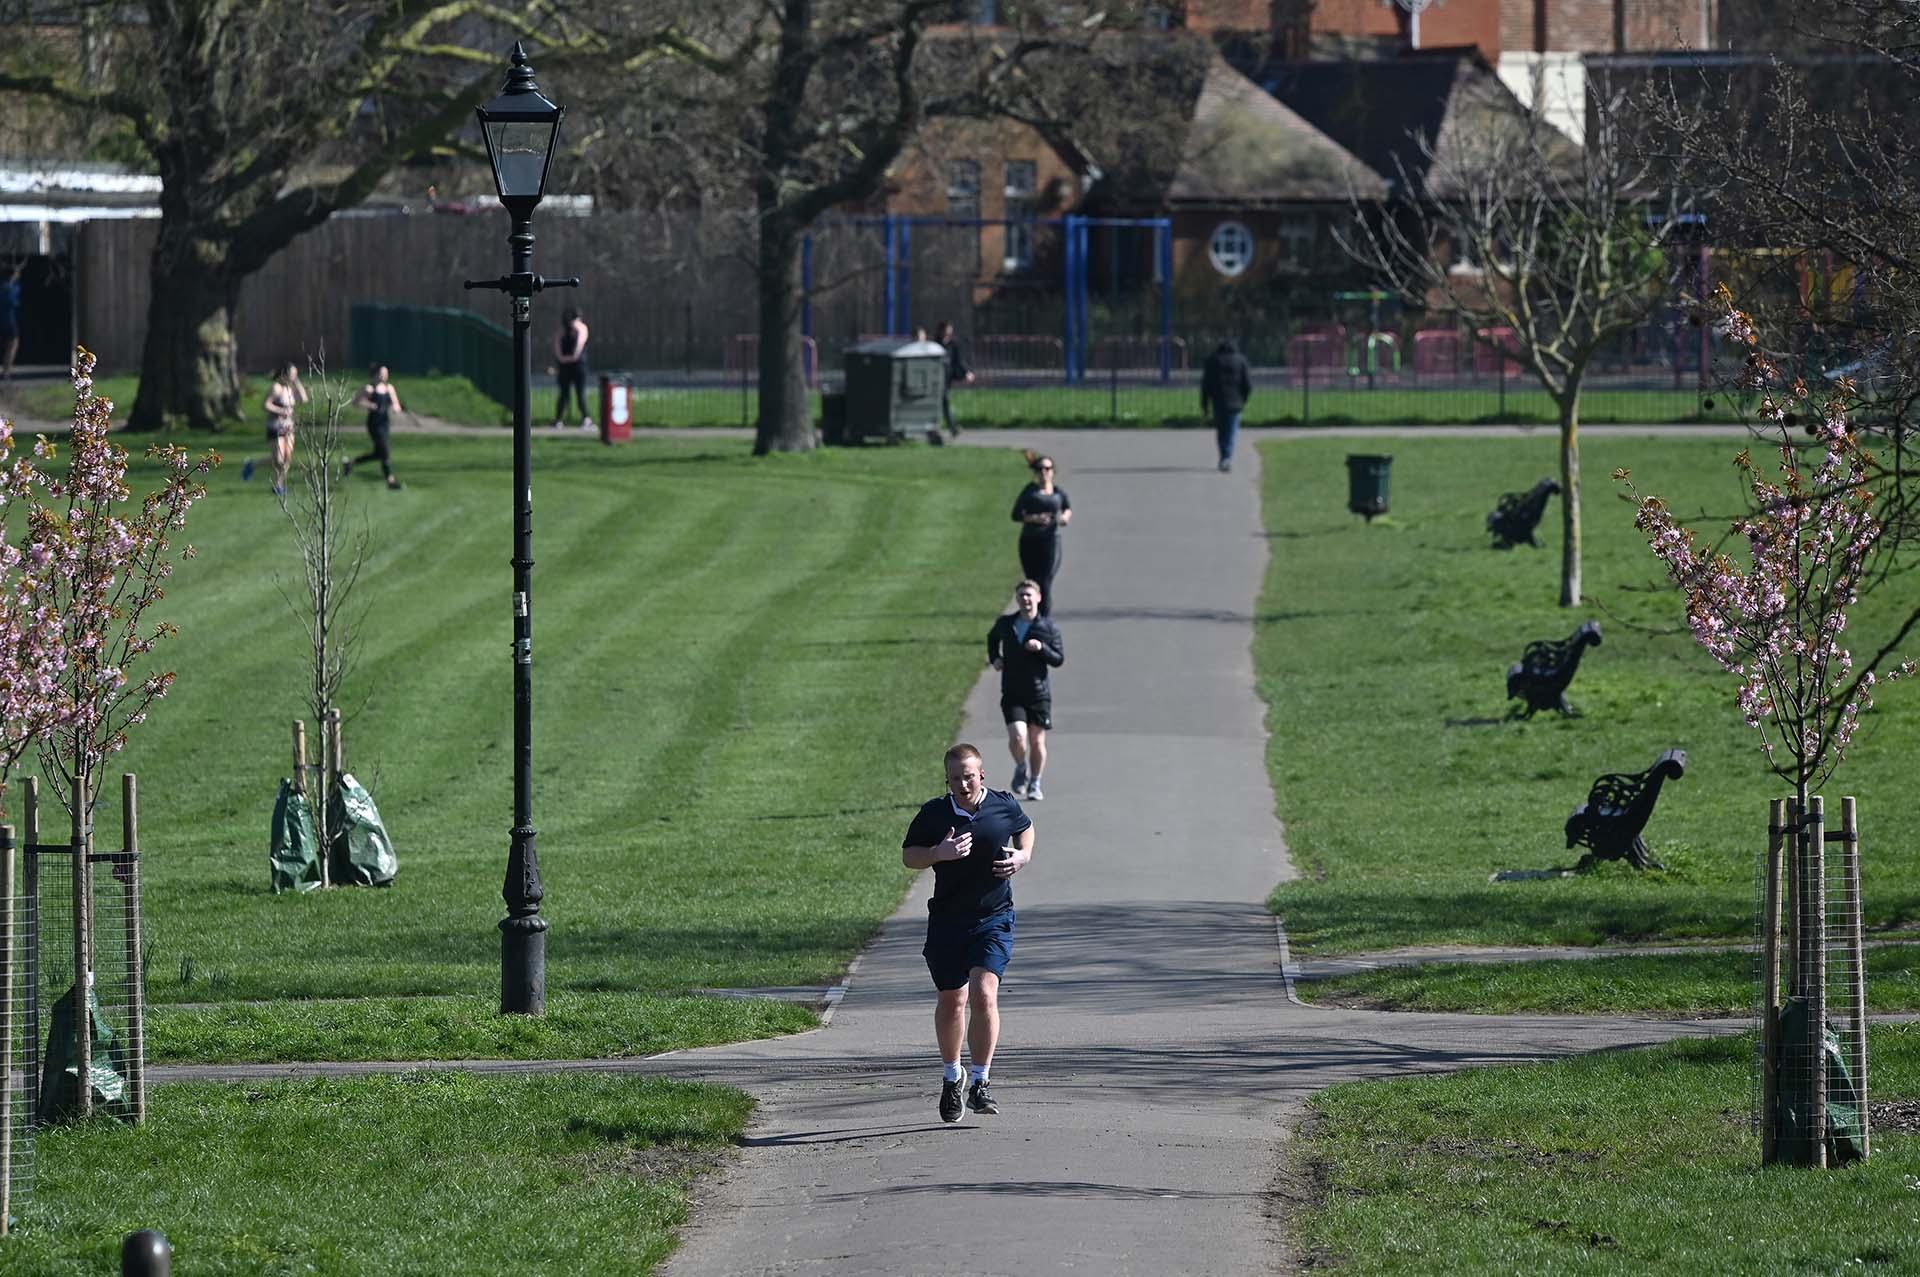 Corredores se ejercitan a distancia en el parque de Clapham Common en el sur de Londres. (AFP)